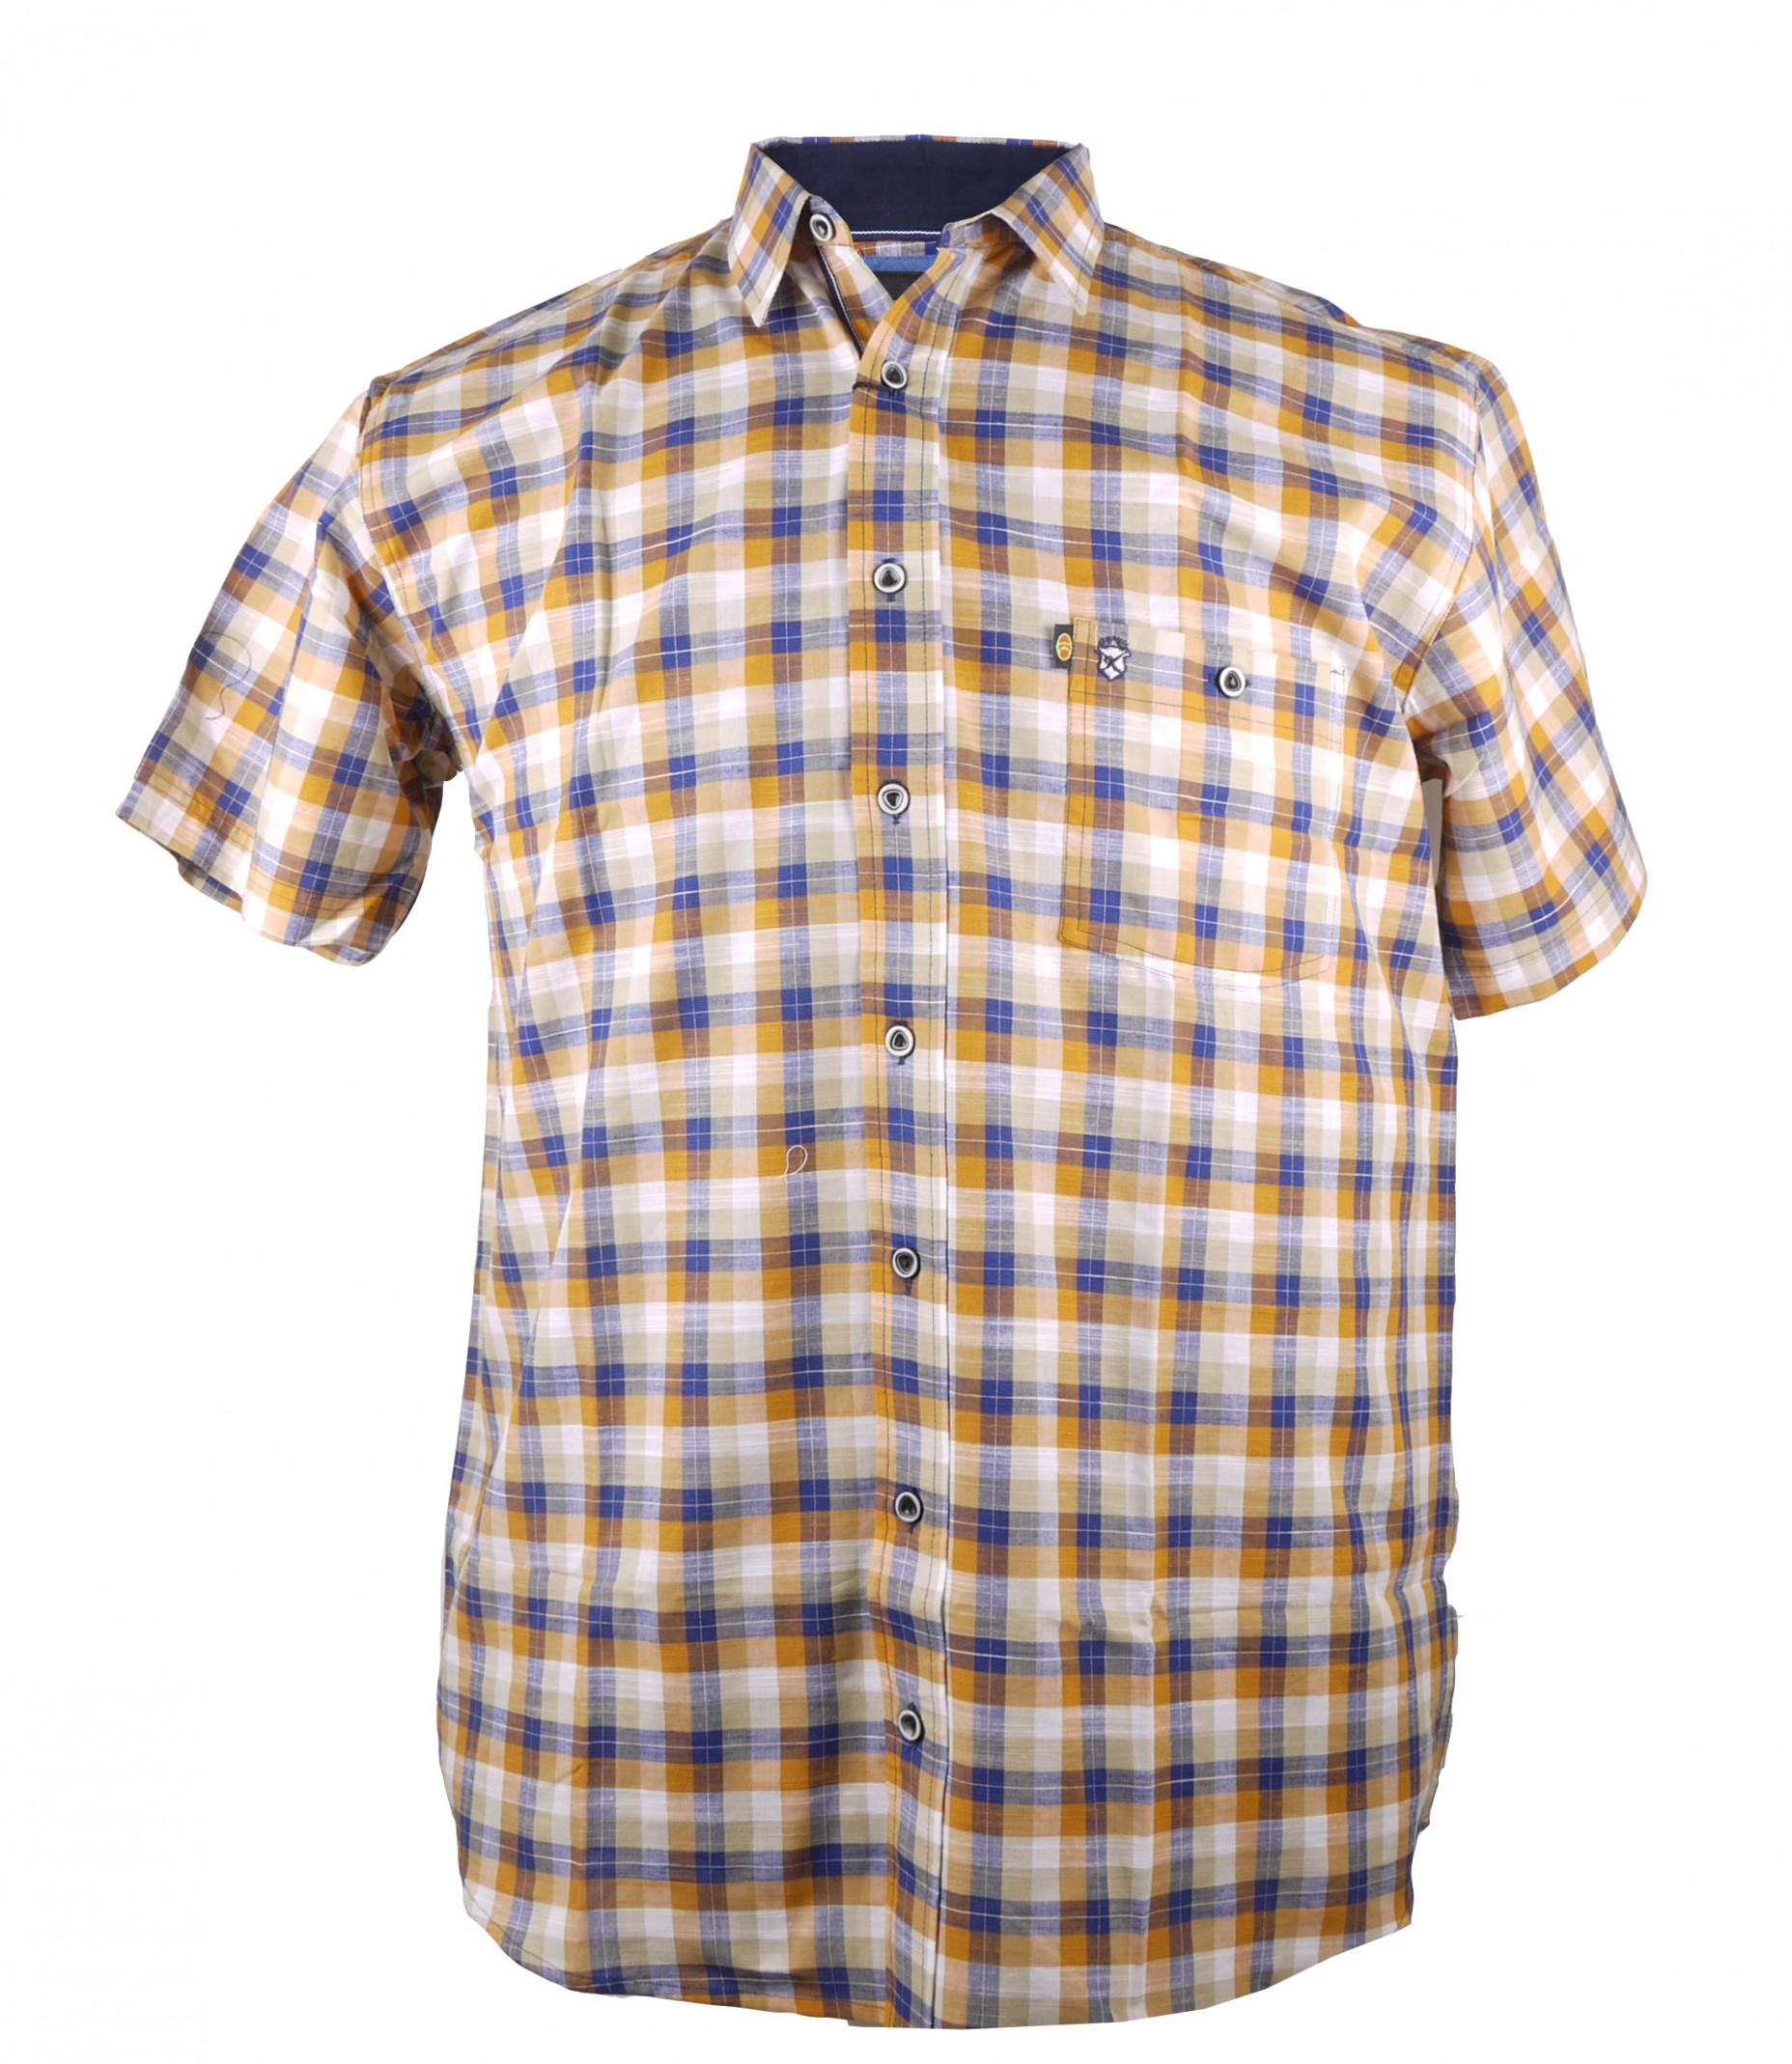 abdc8a24d898 XXL Sommer Hemd von Kamro, orange blau kariert